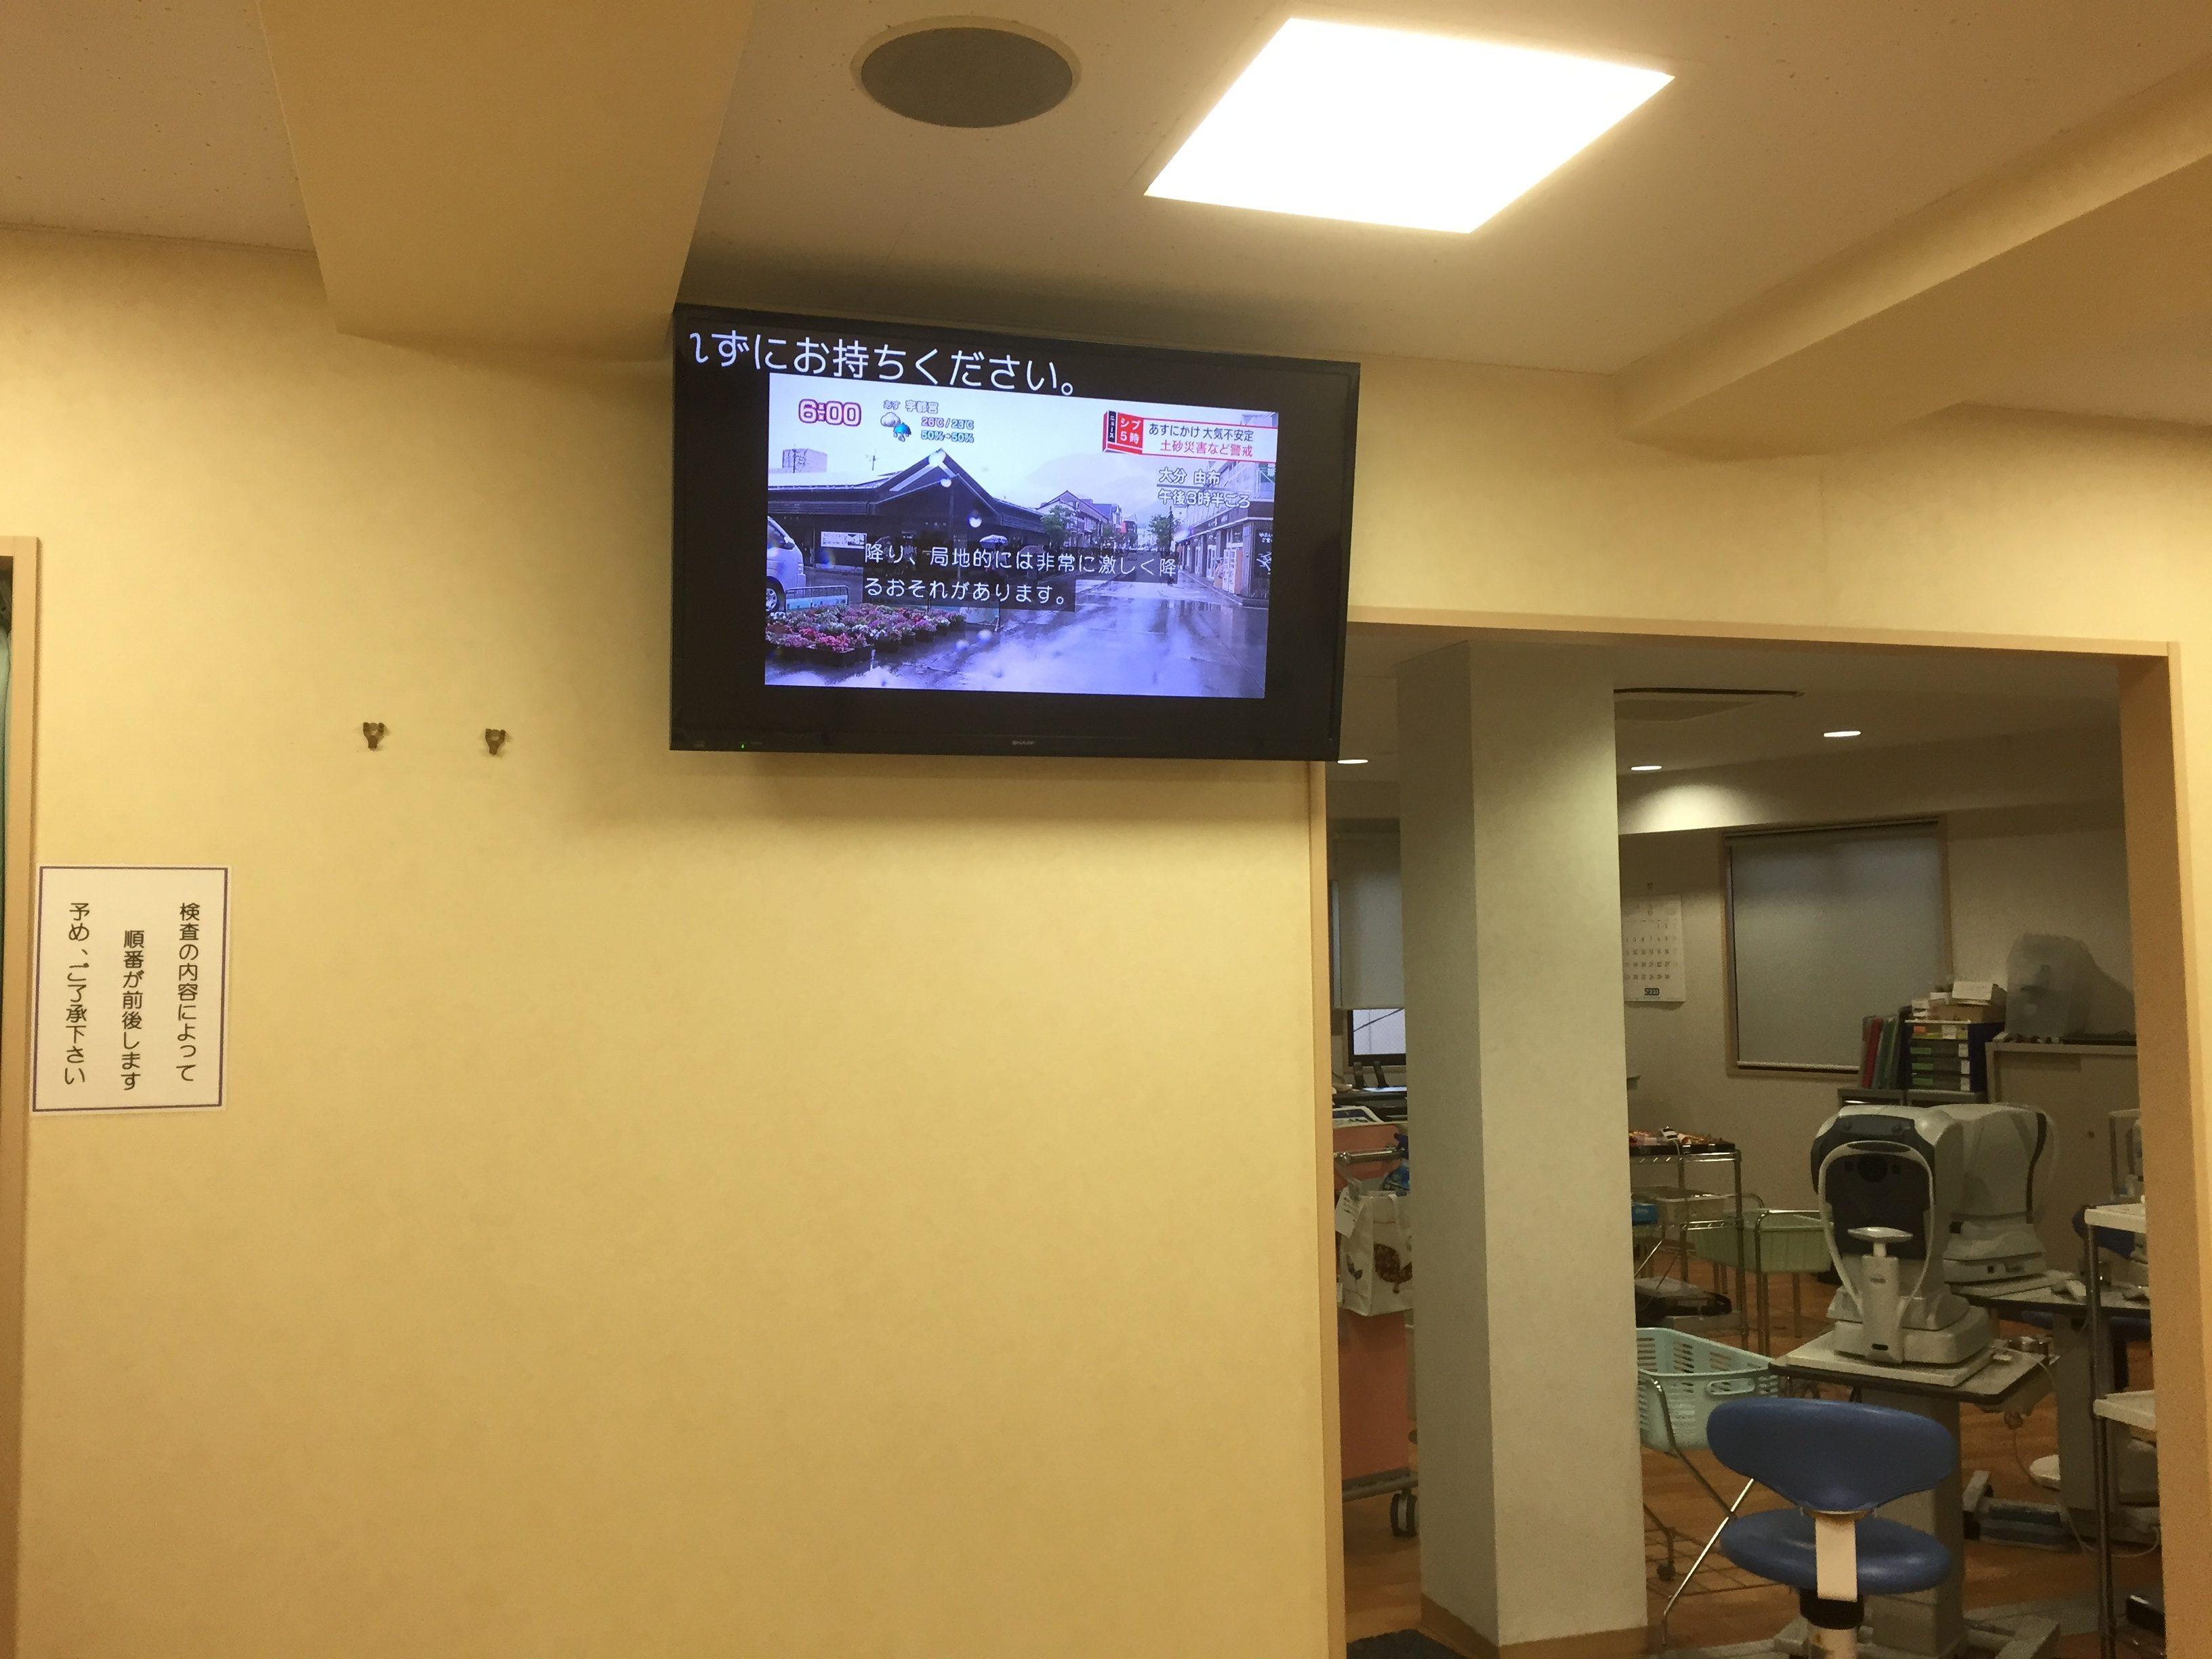 杉田眼科医院様